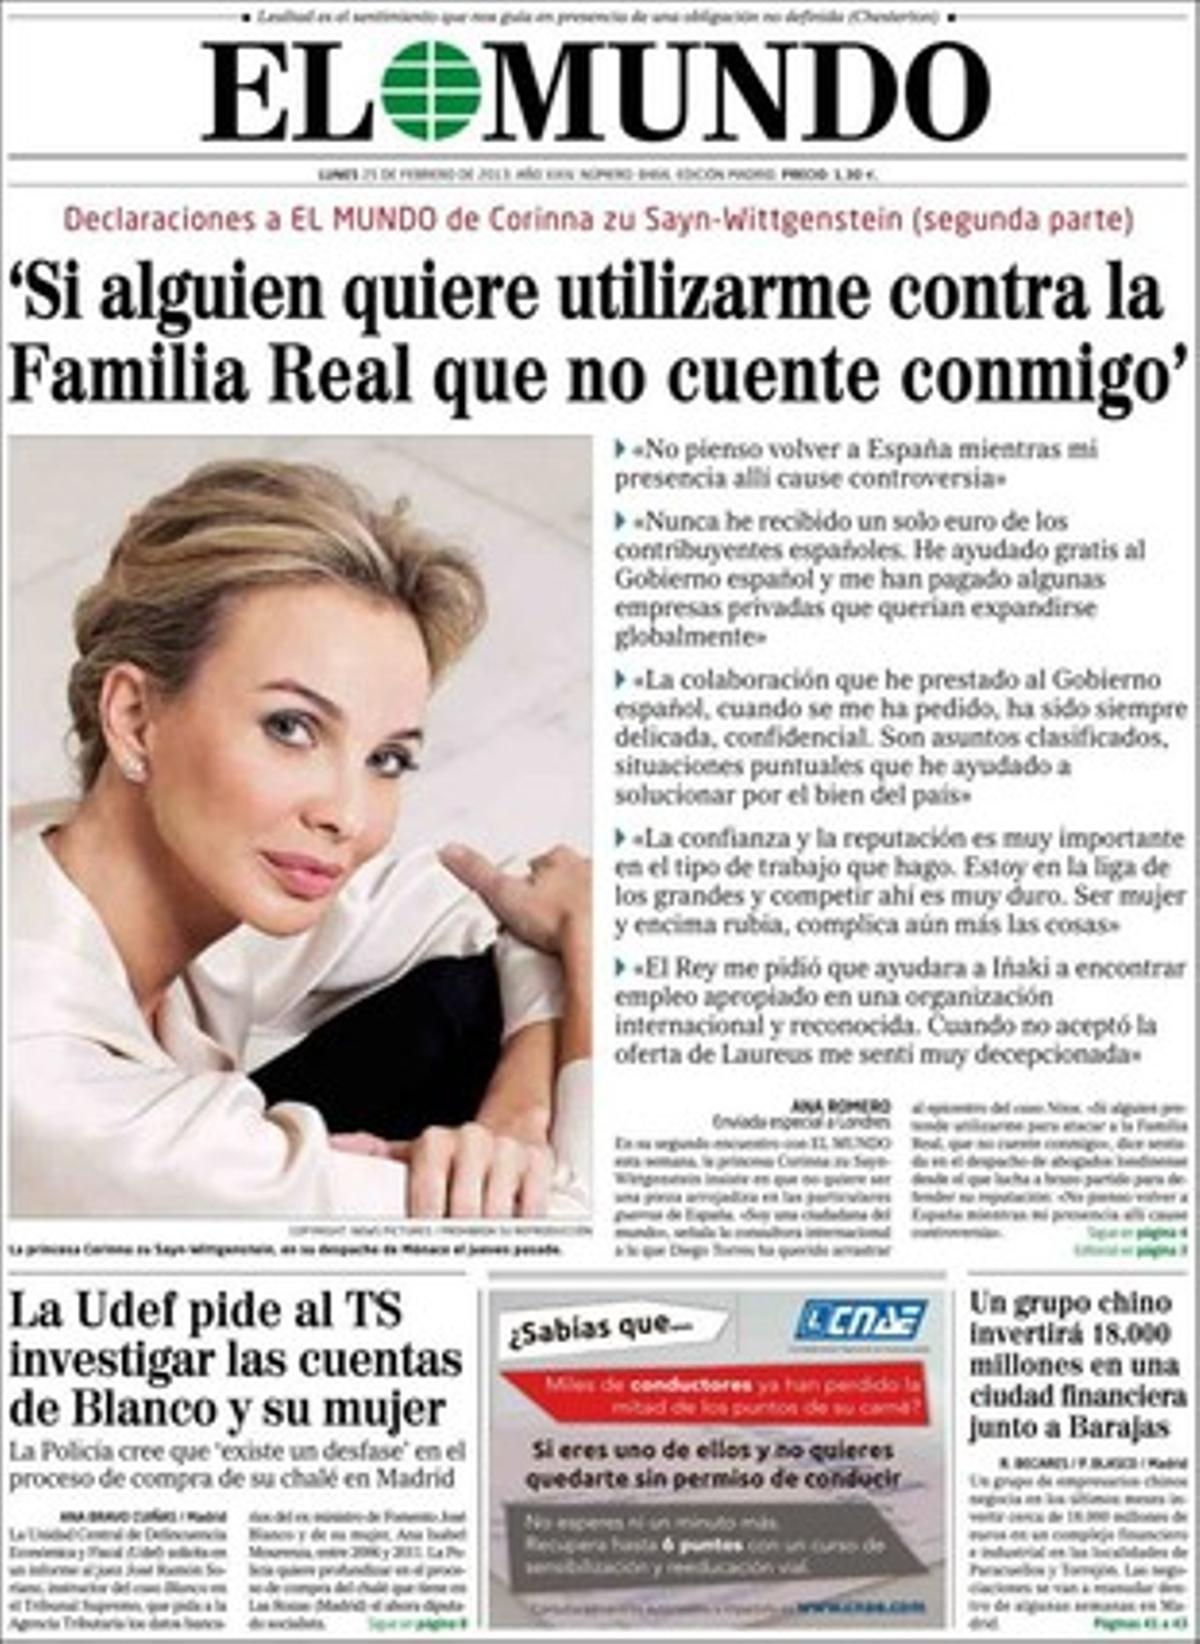 La portada de El Mundo.